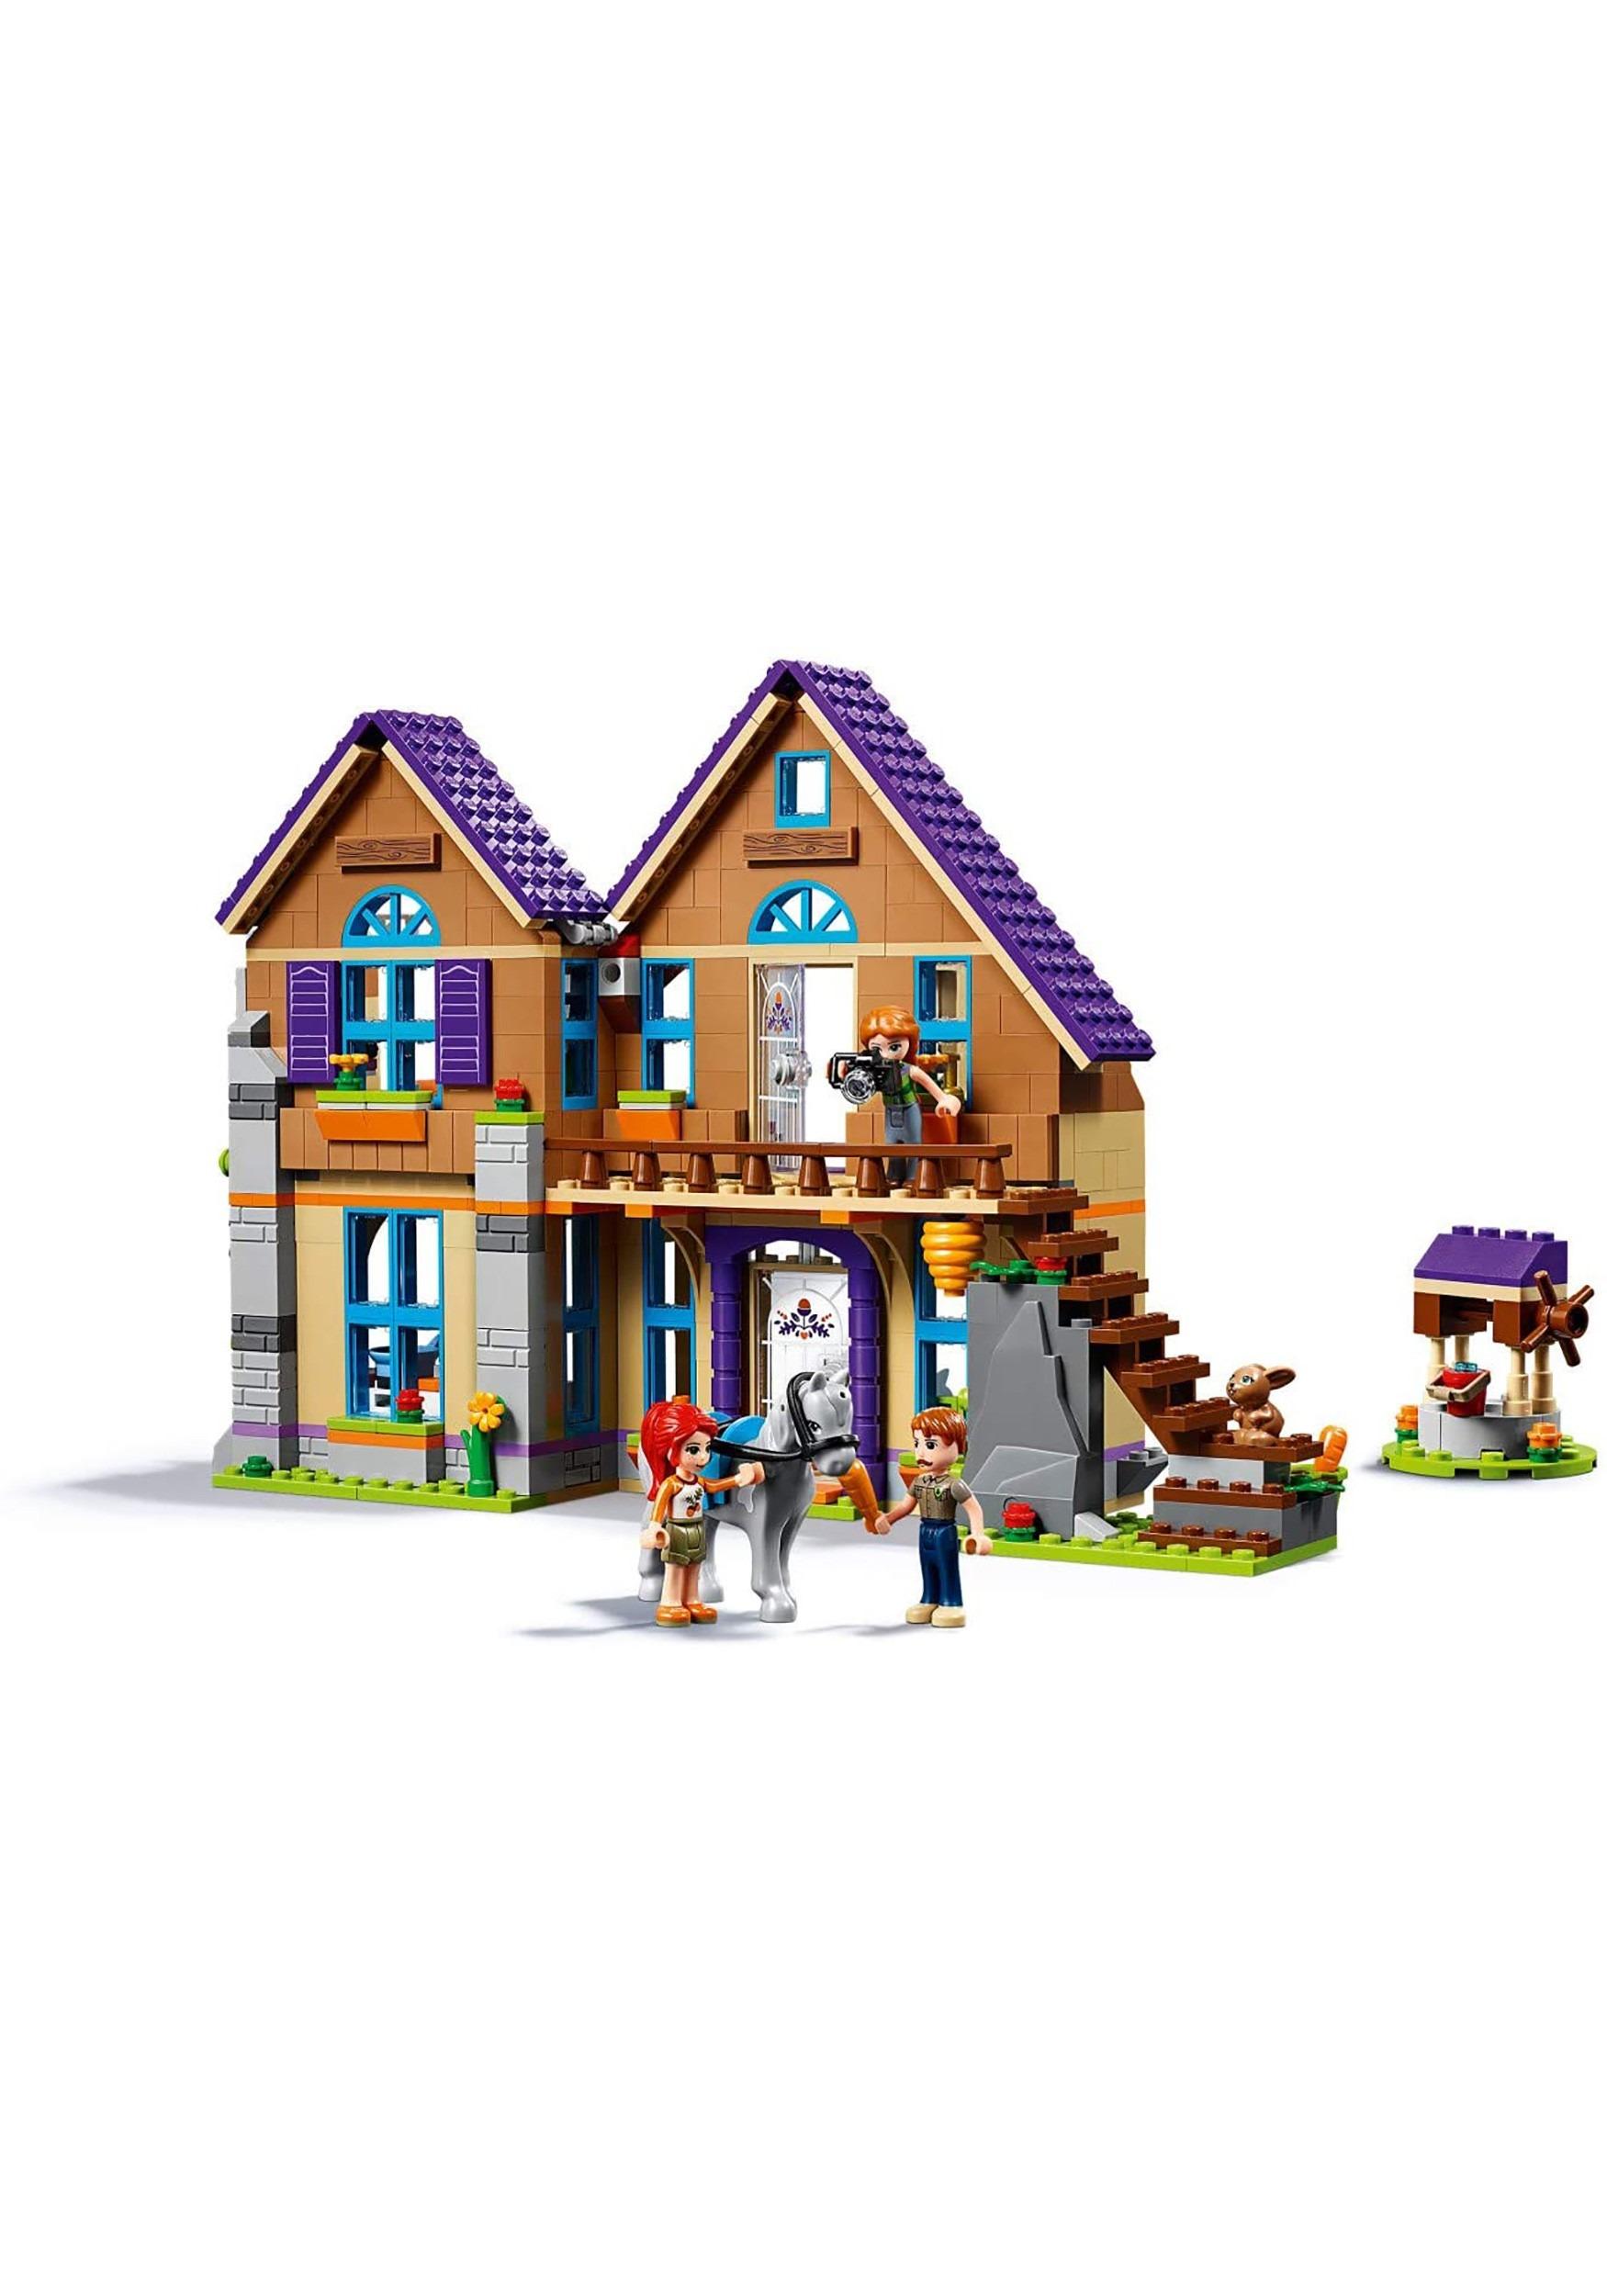 Mia S House Lego Friends Building Set